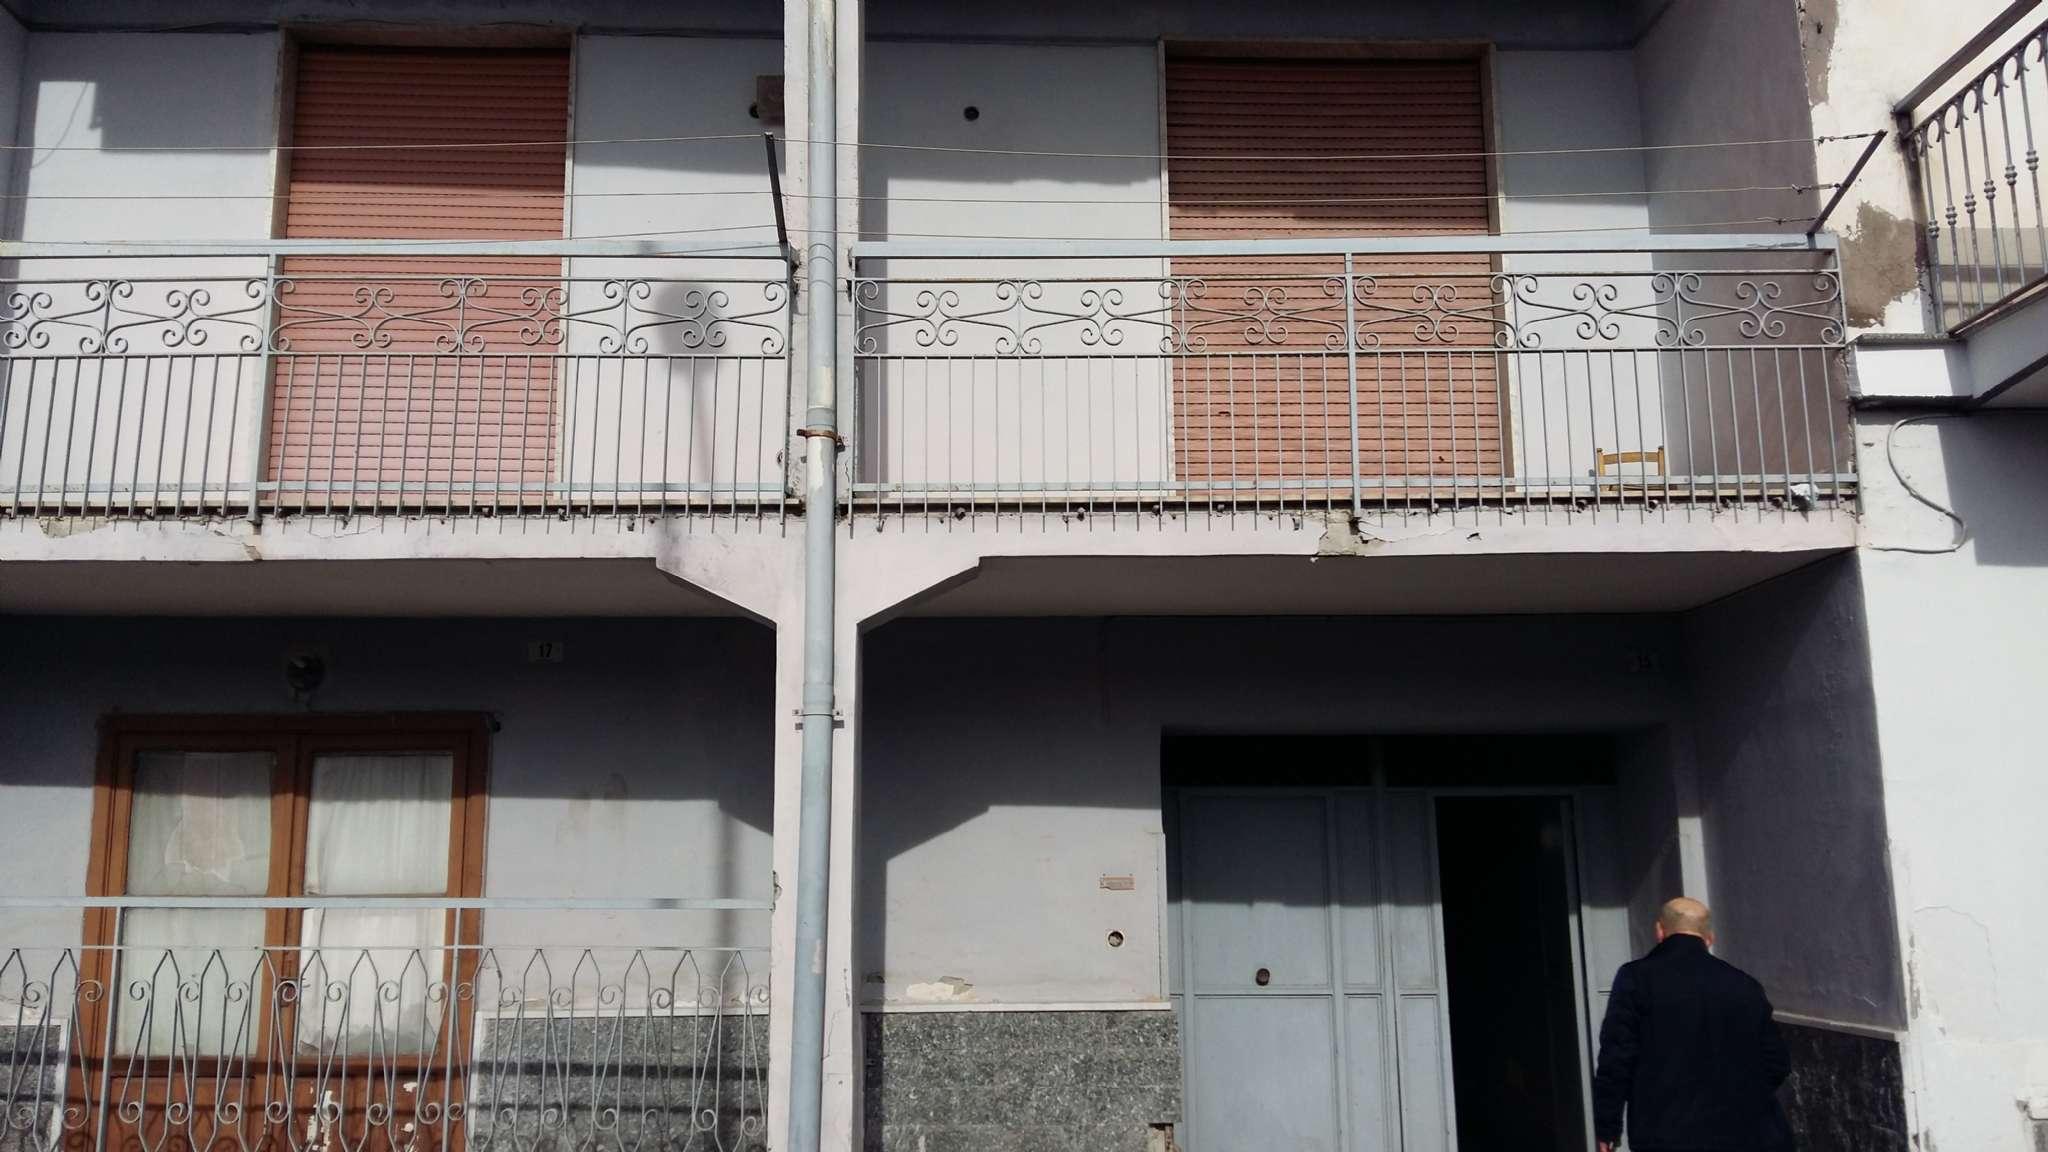 Palazzo / Stabile in vendita a Frattamaggiore, 5 locali, prezzo € 265.000 | CambioCasa.it